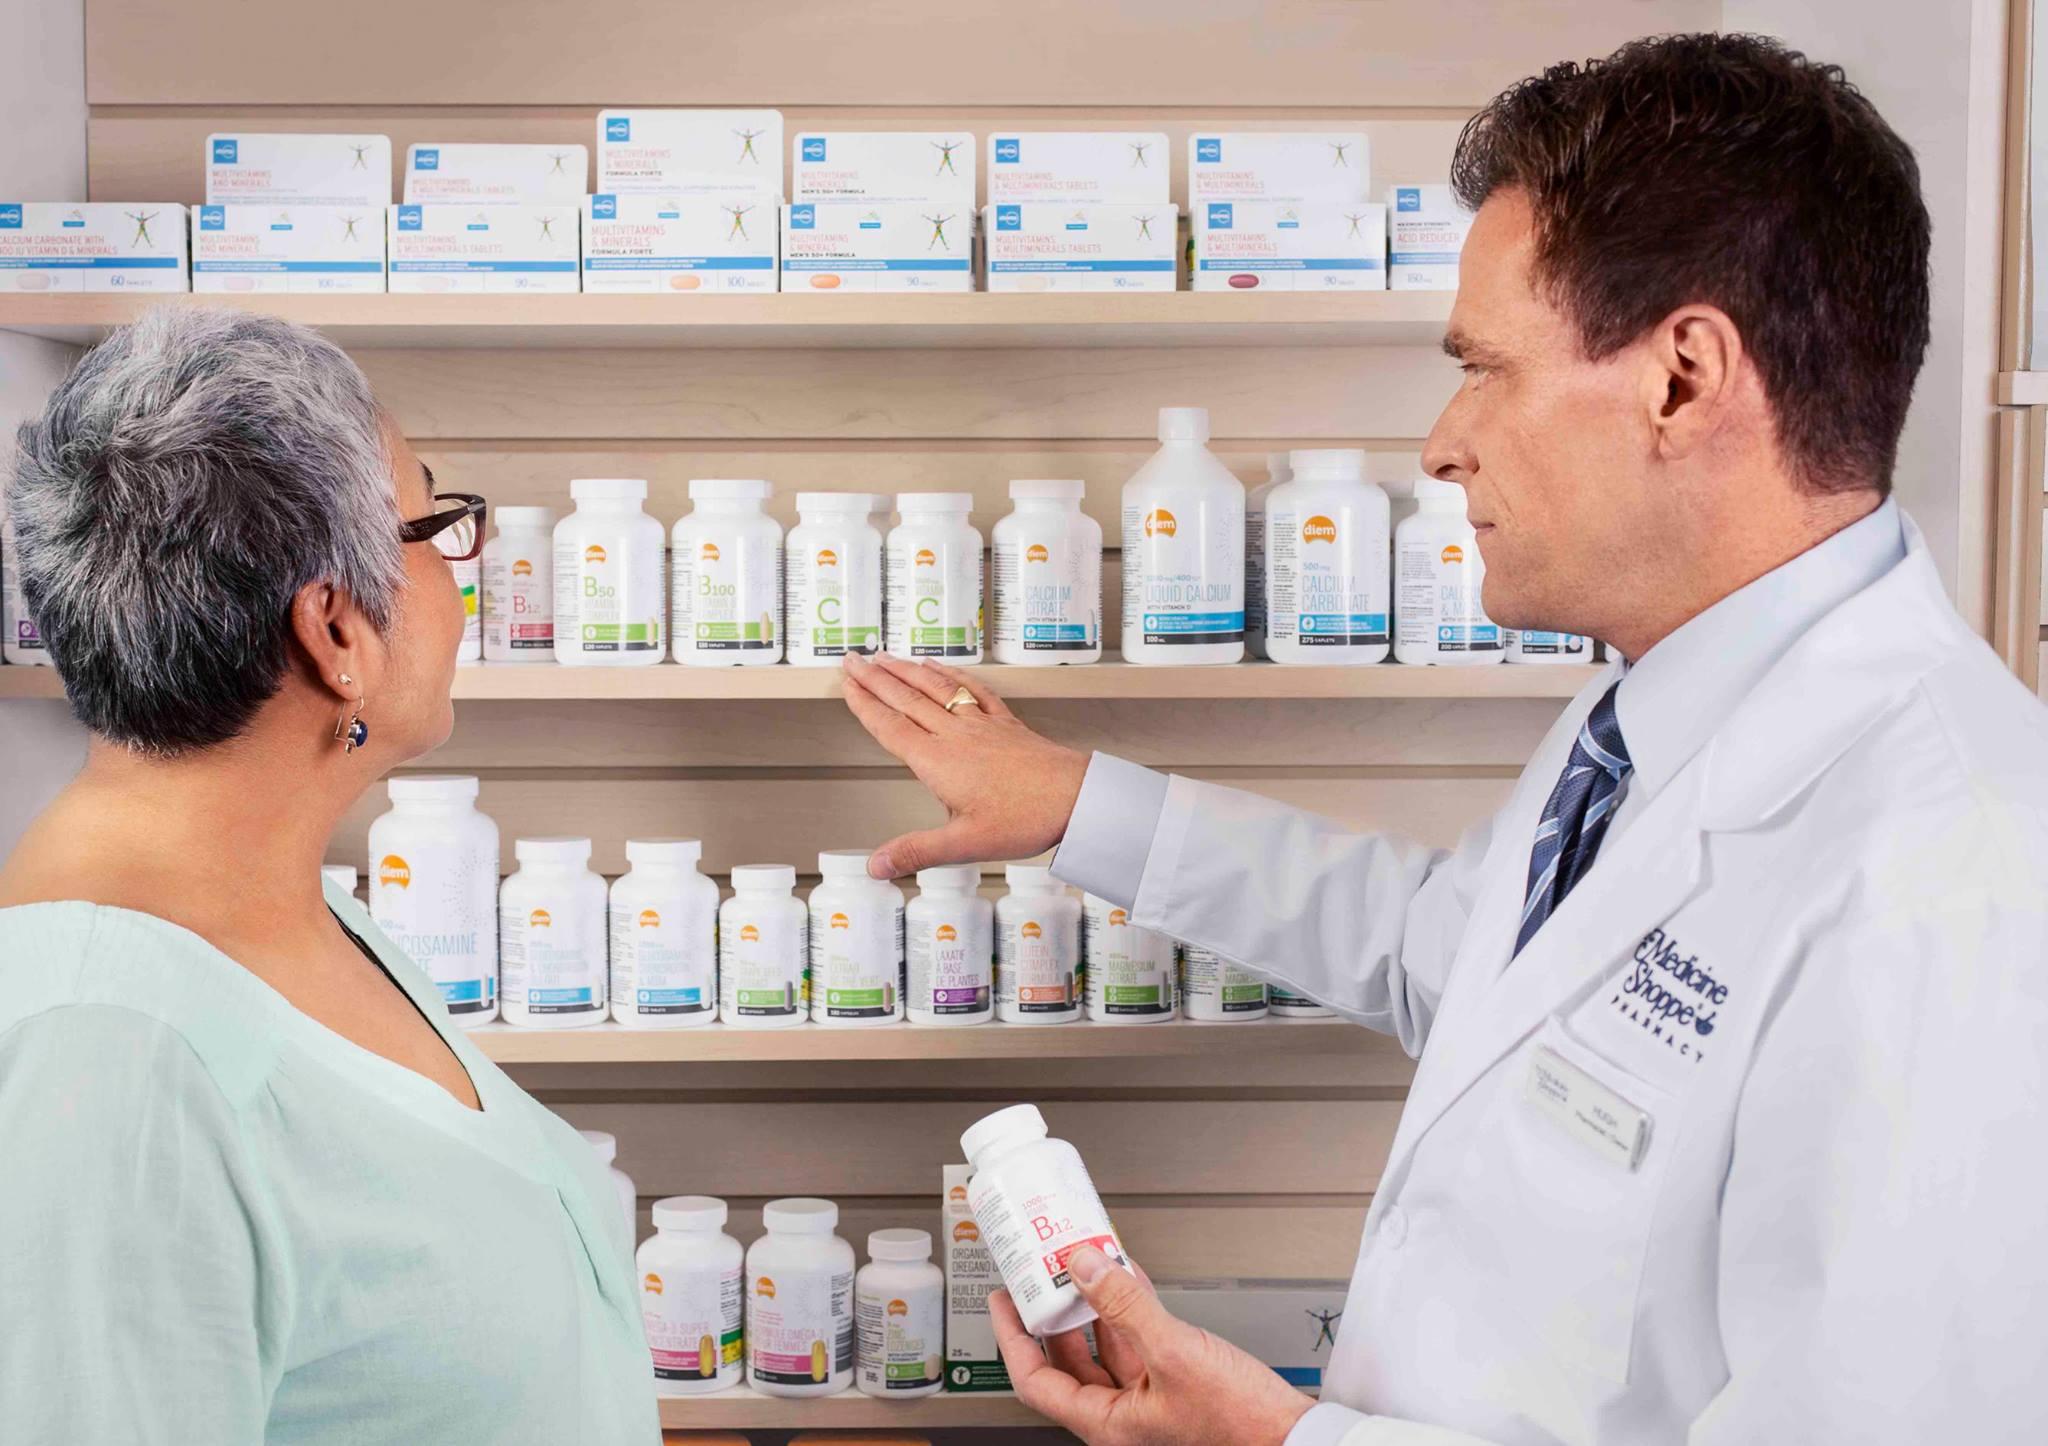 pharmacist assisting woman awareness